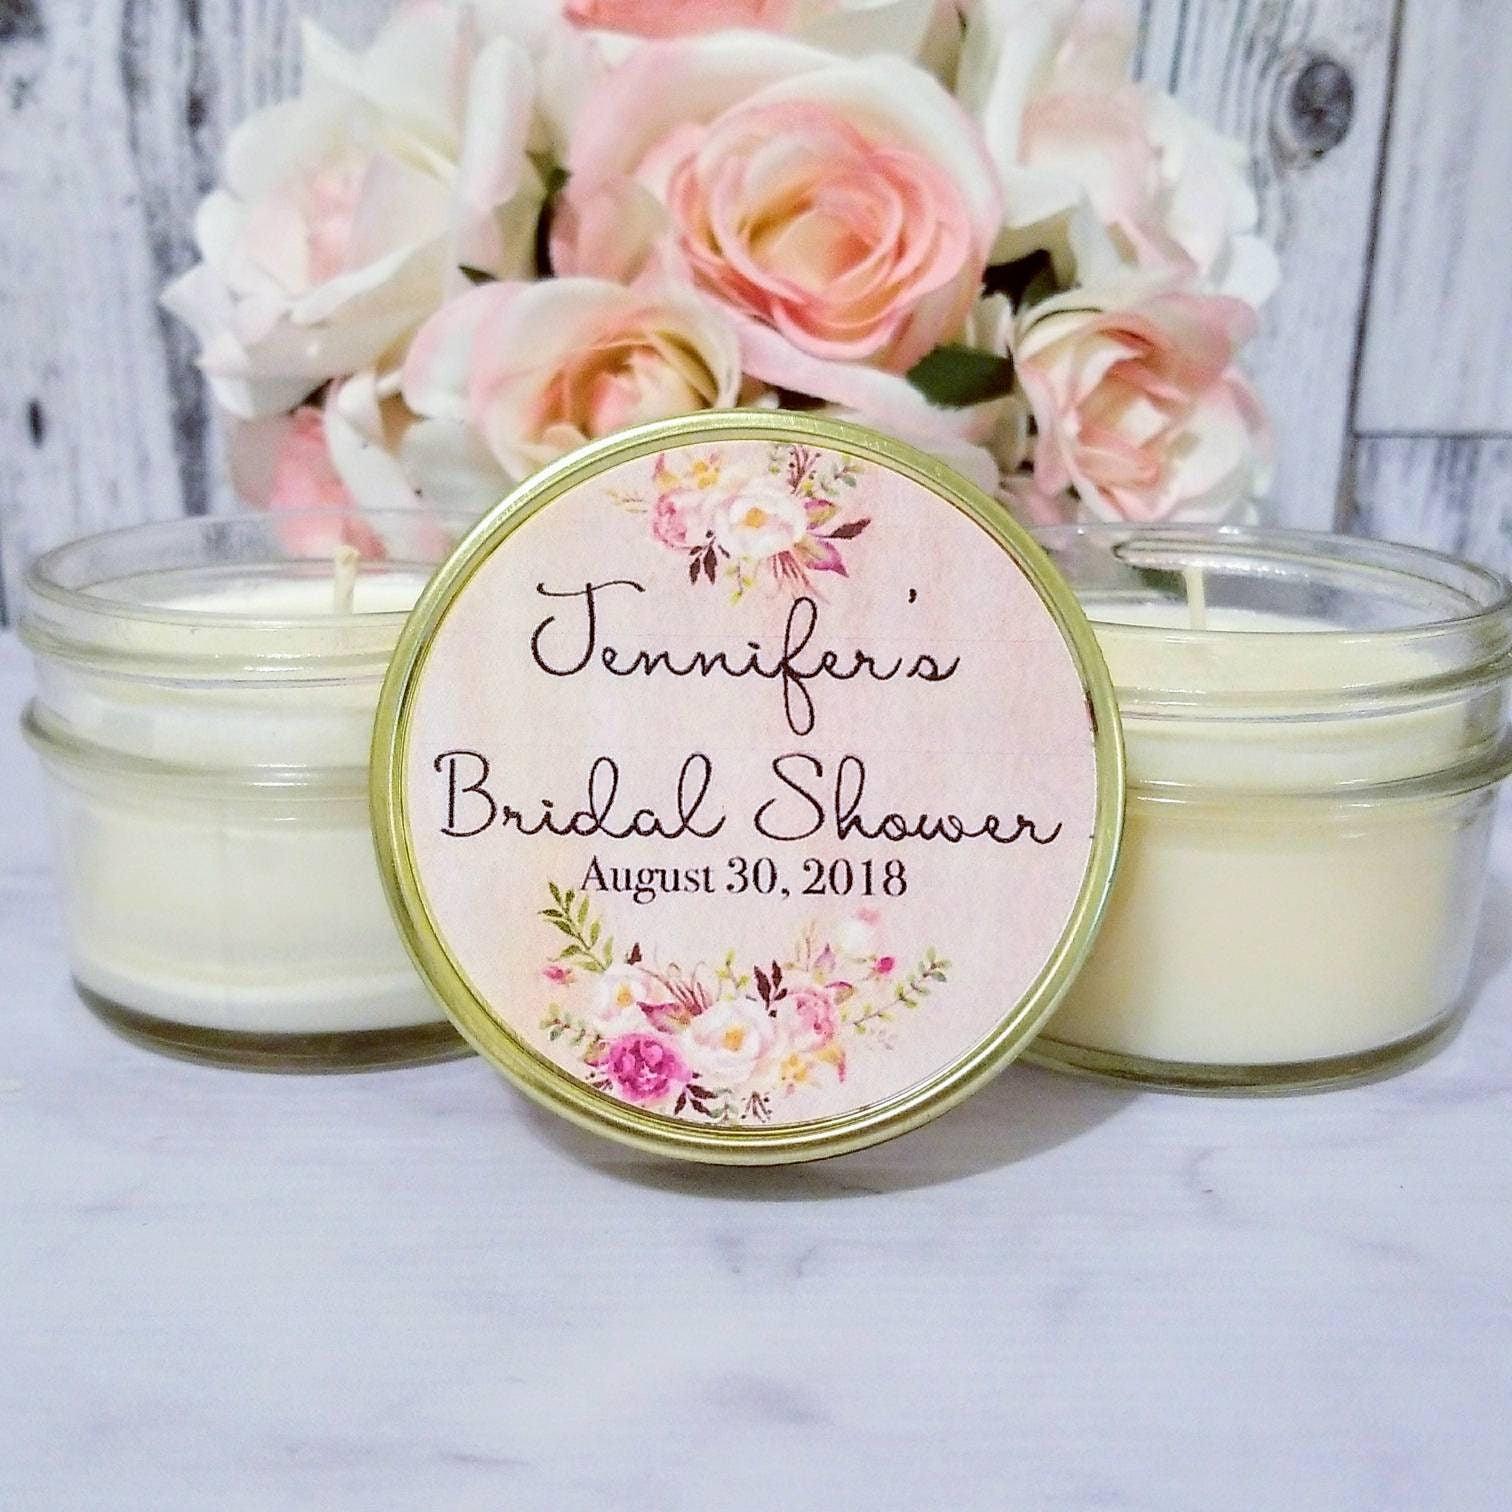 blush bridal shower favors bridal shower candle favors blush wedding bridal shower party favors pink bridal shower favors set of 12